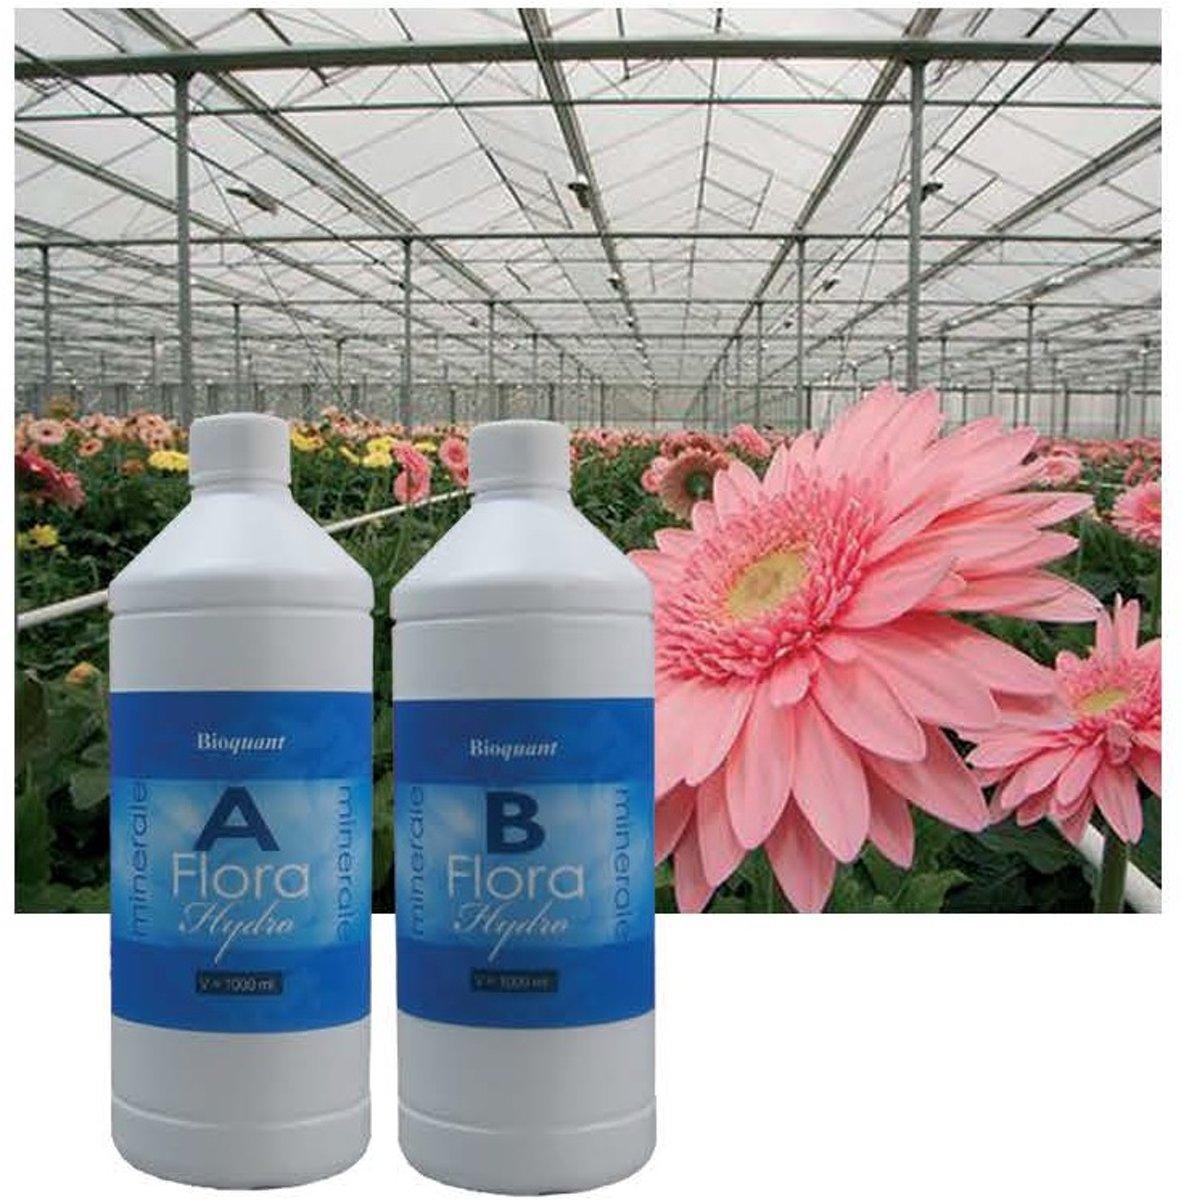 BioQuant, Bio Mineraal Flora 1 Liter(A+B)